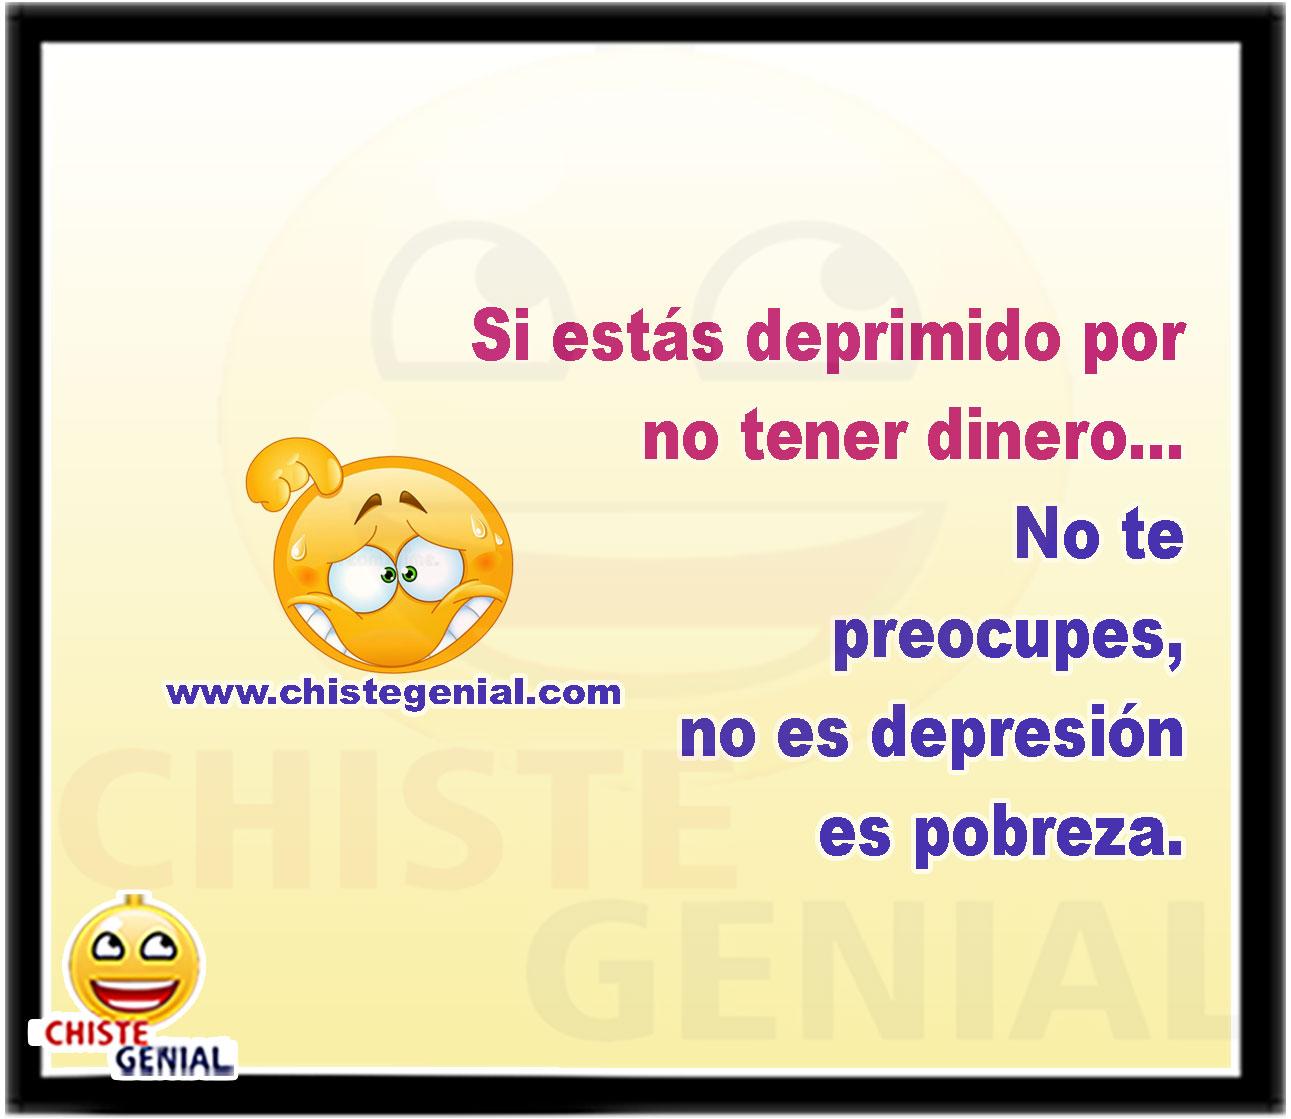 Si estás deprimido por no tener dinero, no te preocupes, no es depresión es pobreza.